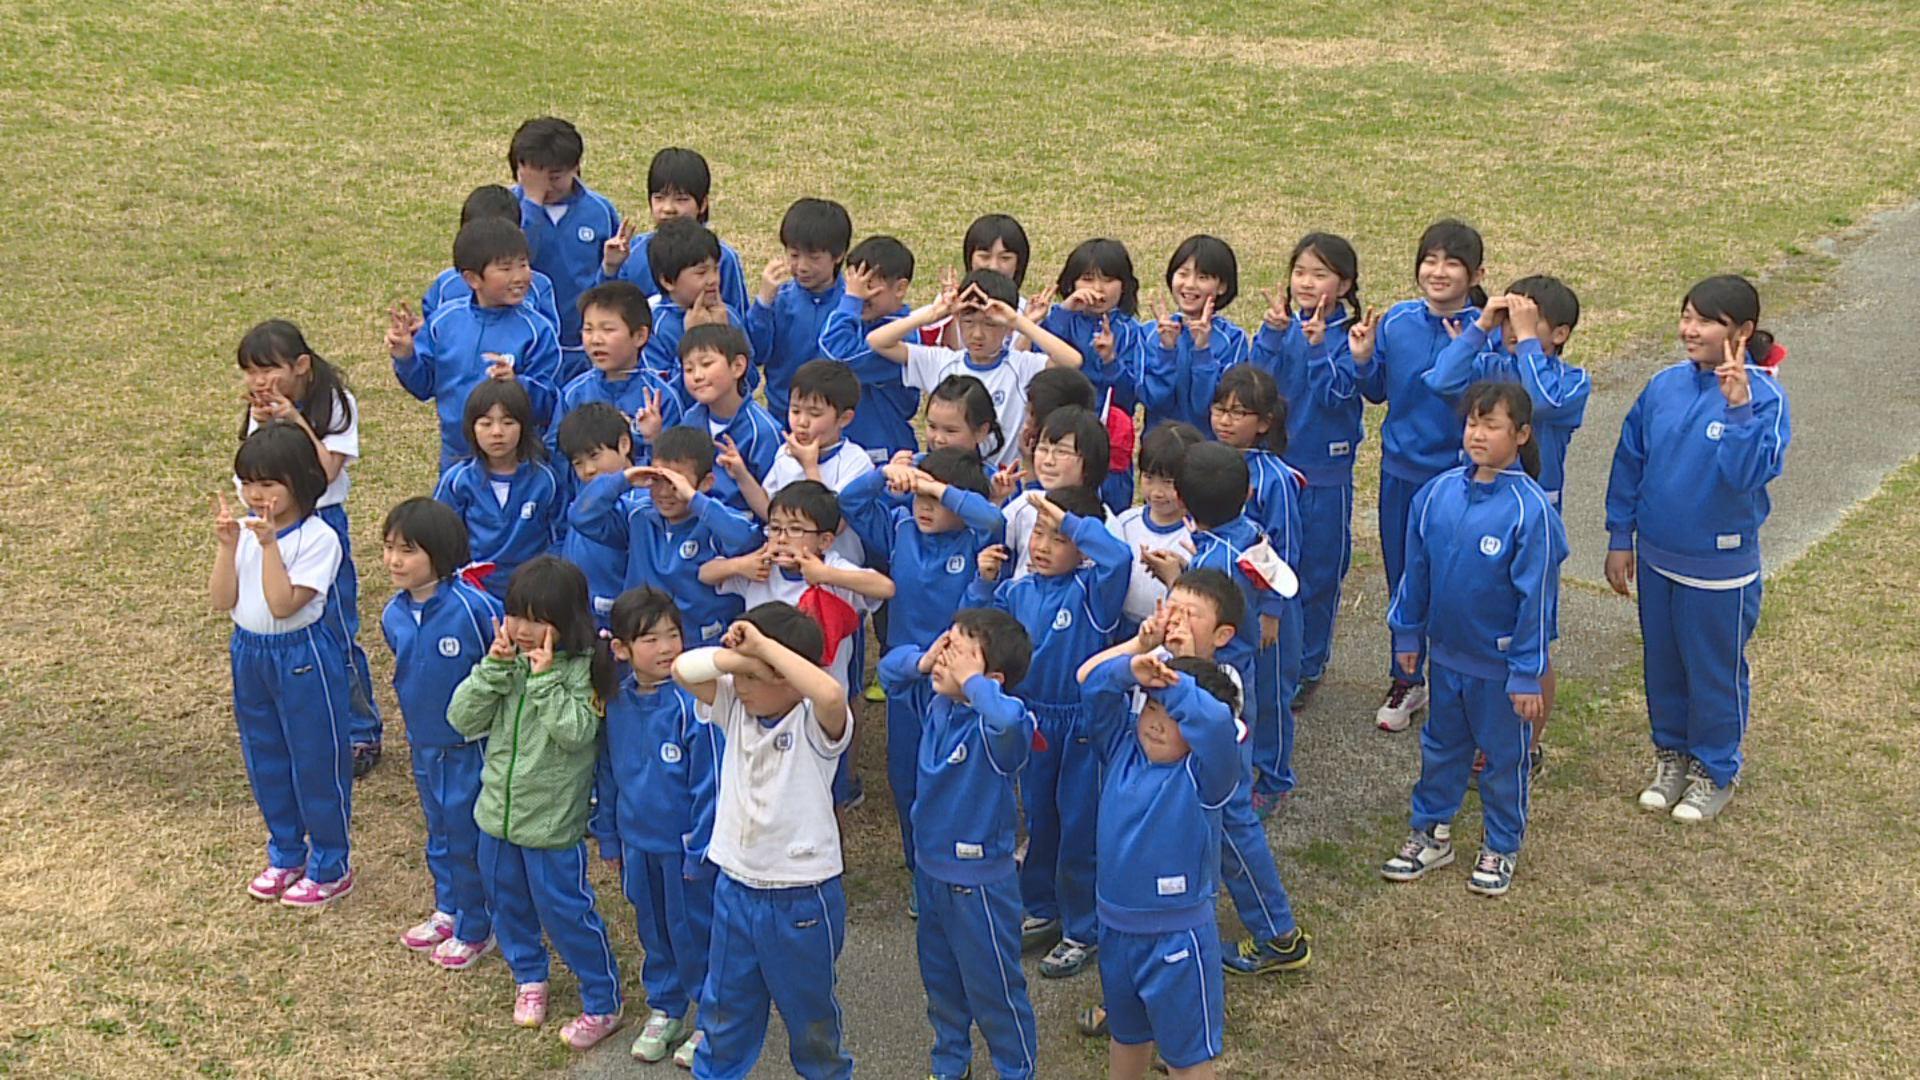 6月1日〜放送 みんなの世界「米沢市立六郷小学校 全校遠足」:画像